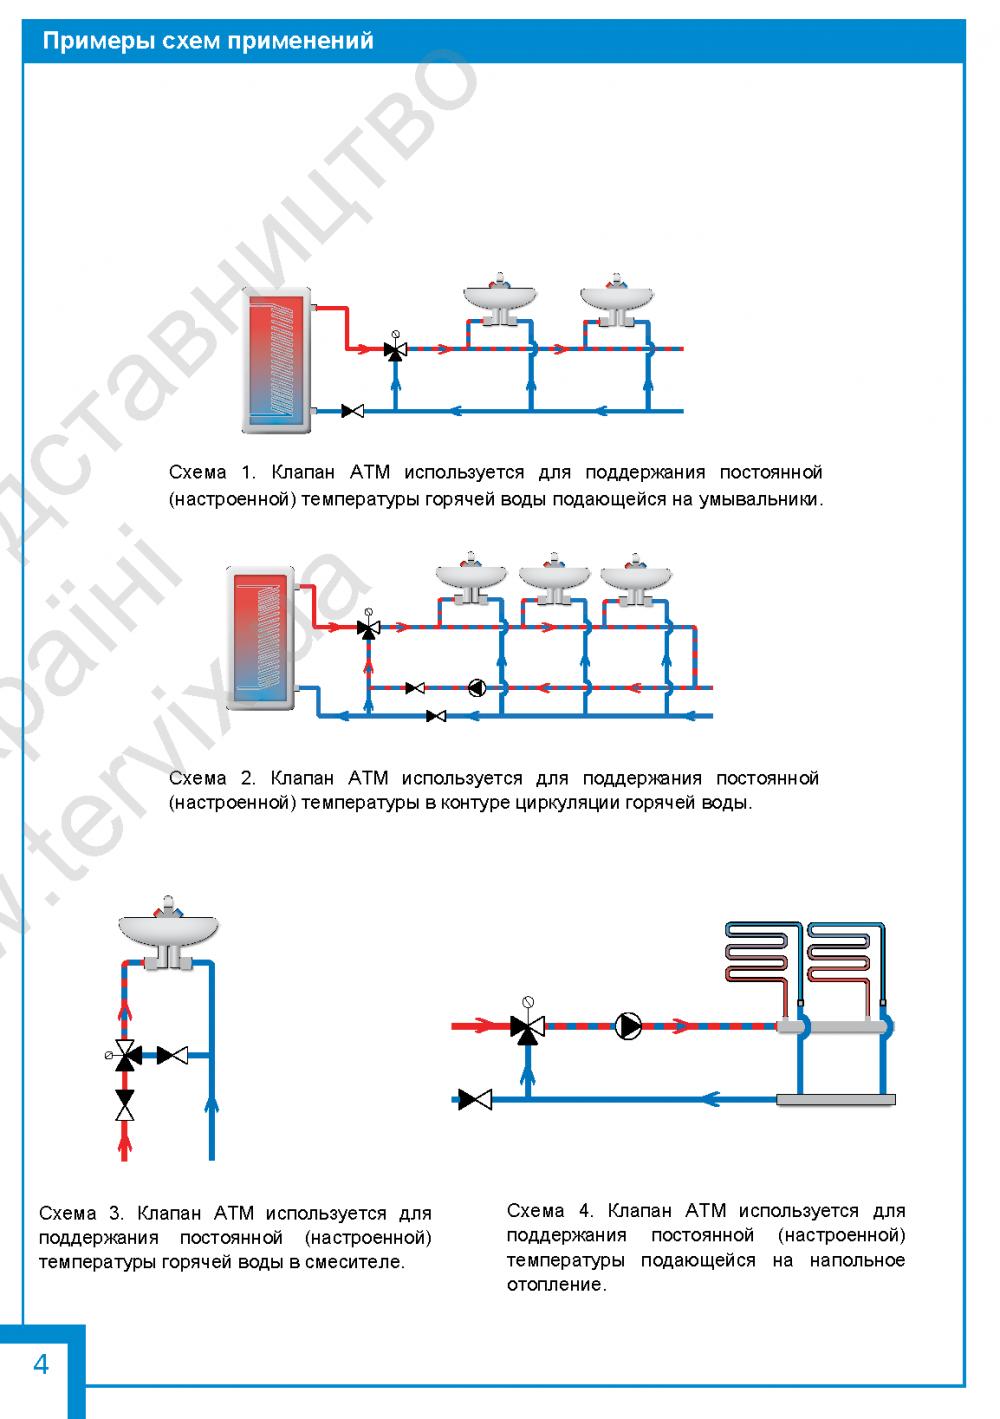 """Термостатический клапан 1"""" Afriso ATM561 на теплый пол T=20-43°C G 1"""" DN20 Kvs 2,5 1256110 - 4"""